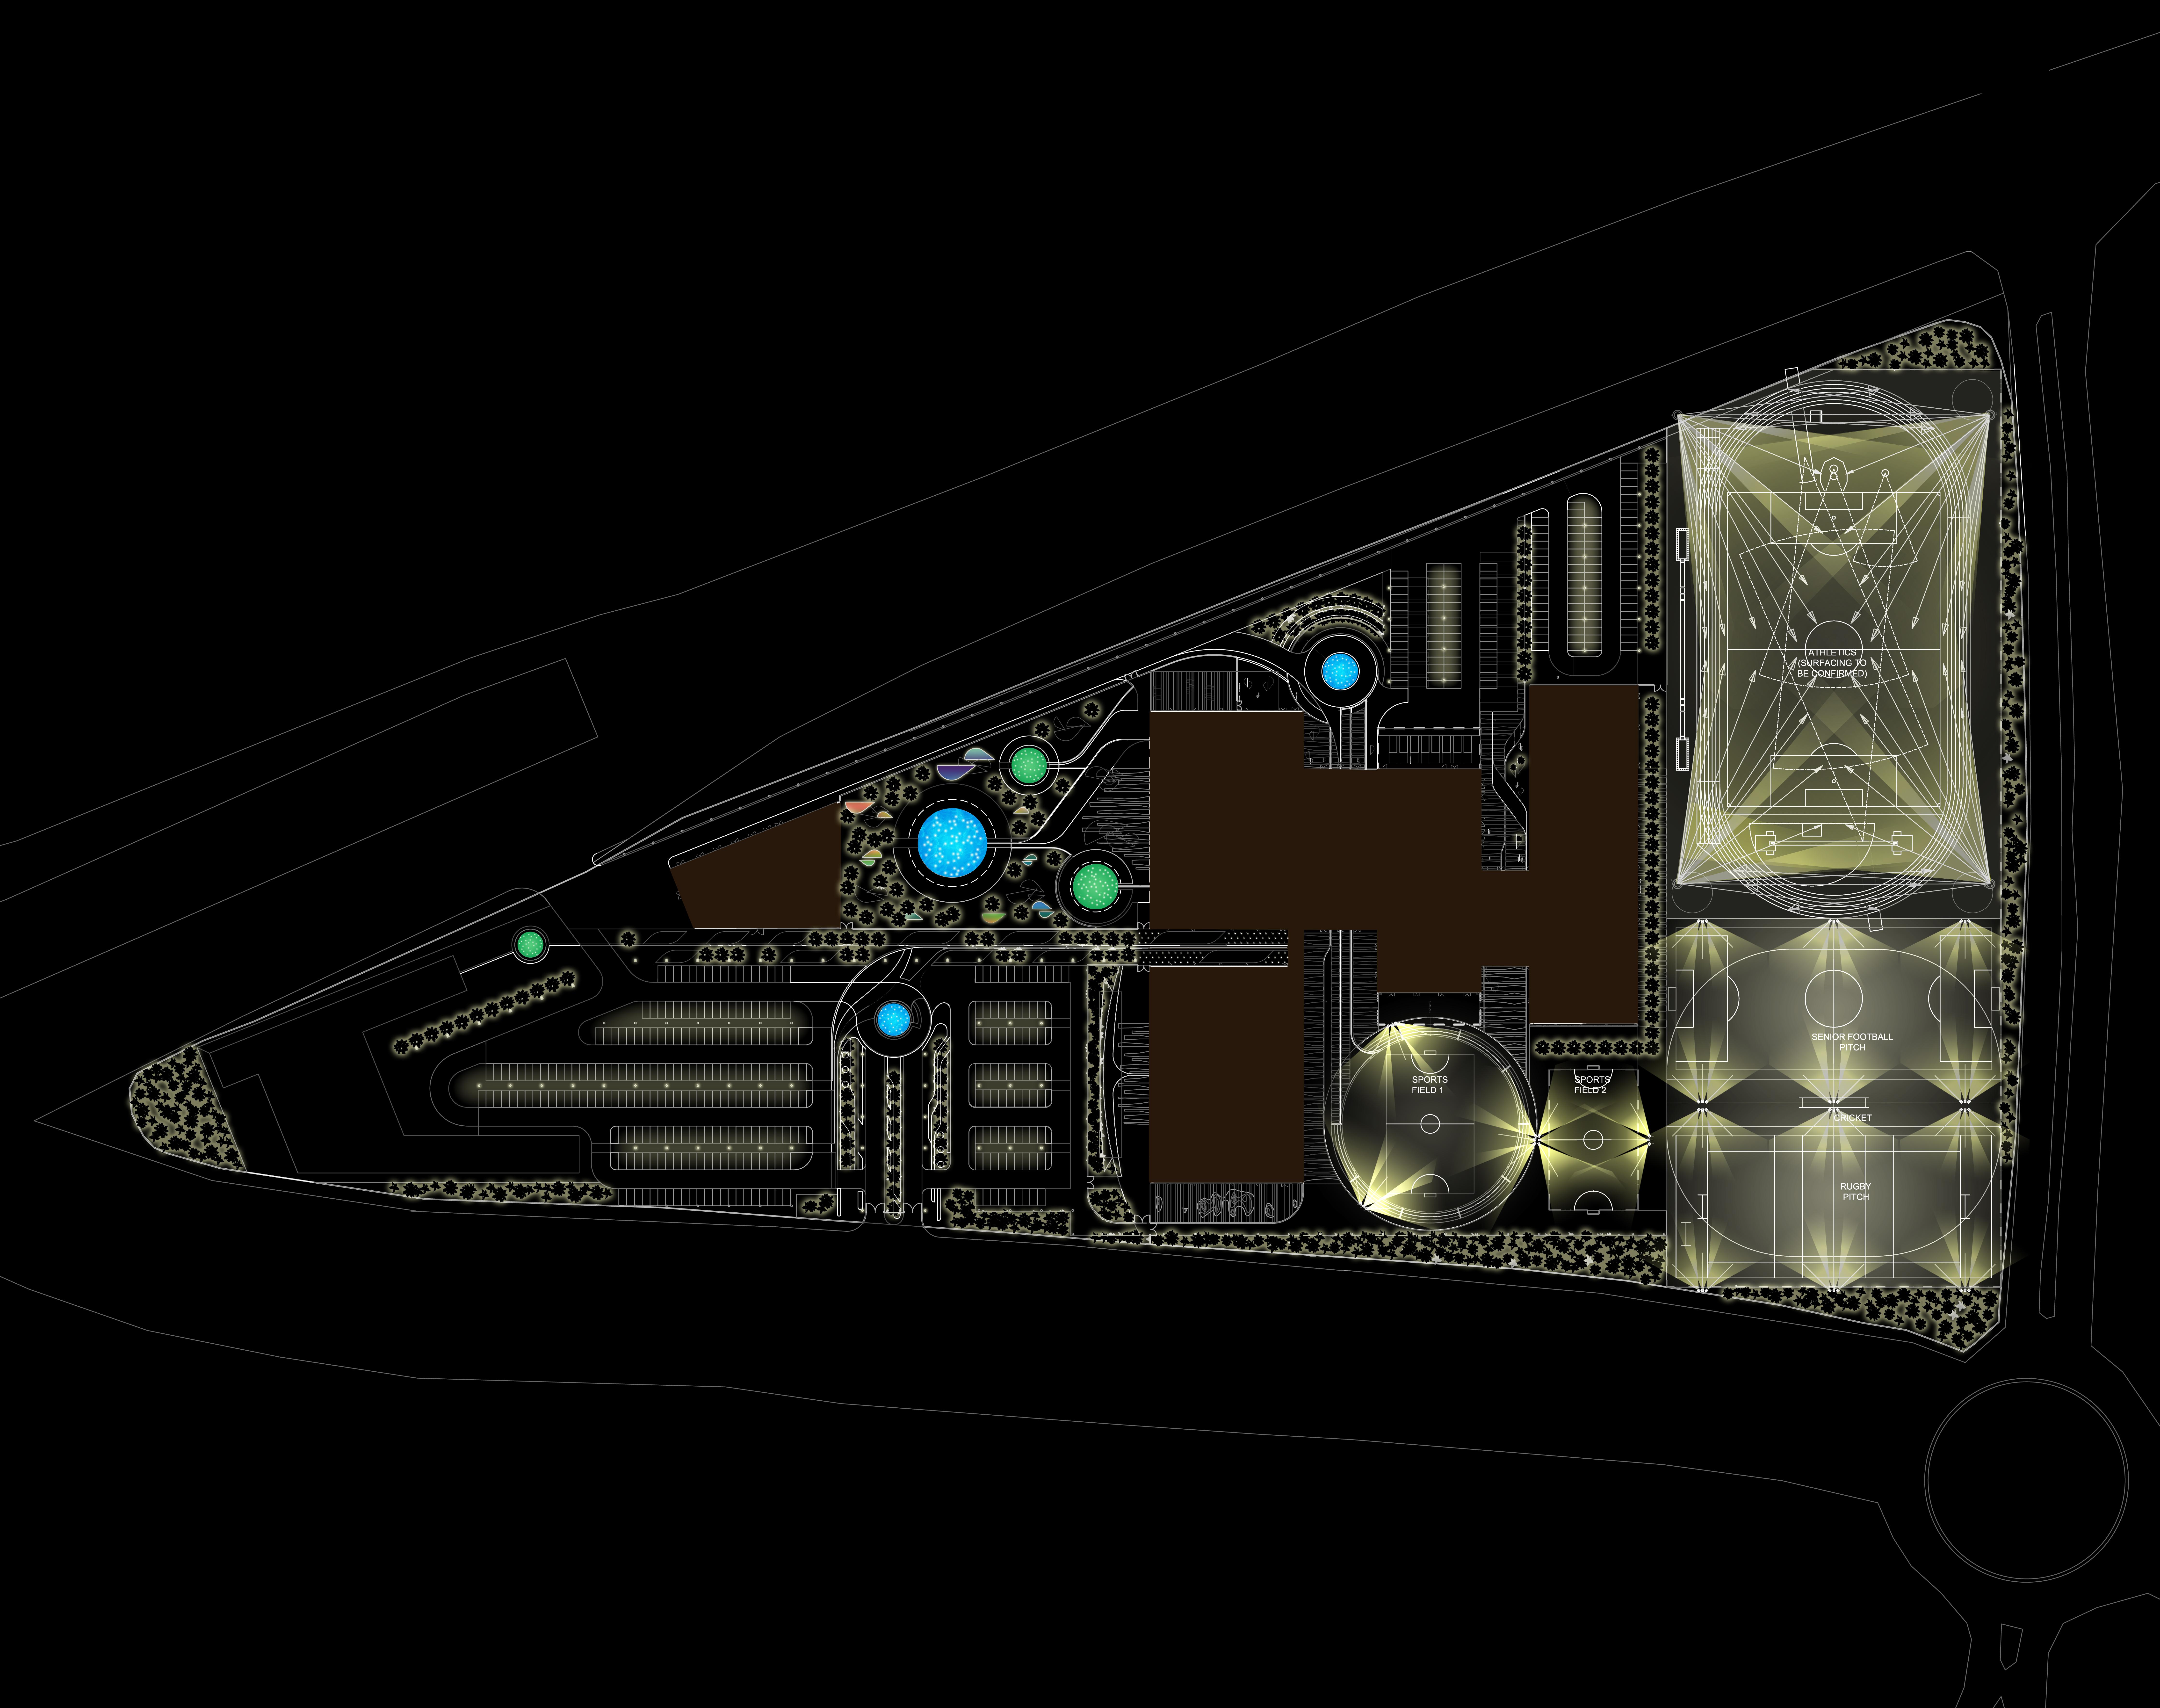 15_02_02_GEMS_APV_LANDSCAPE_rendering.jpg